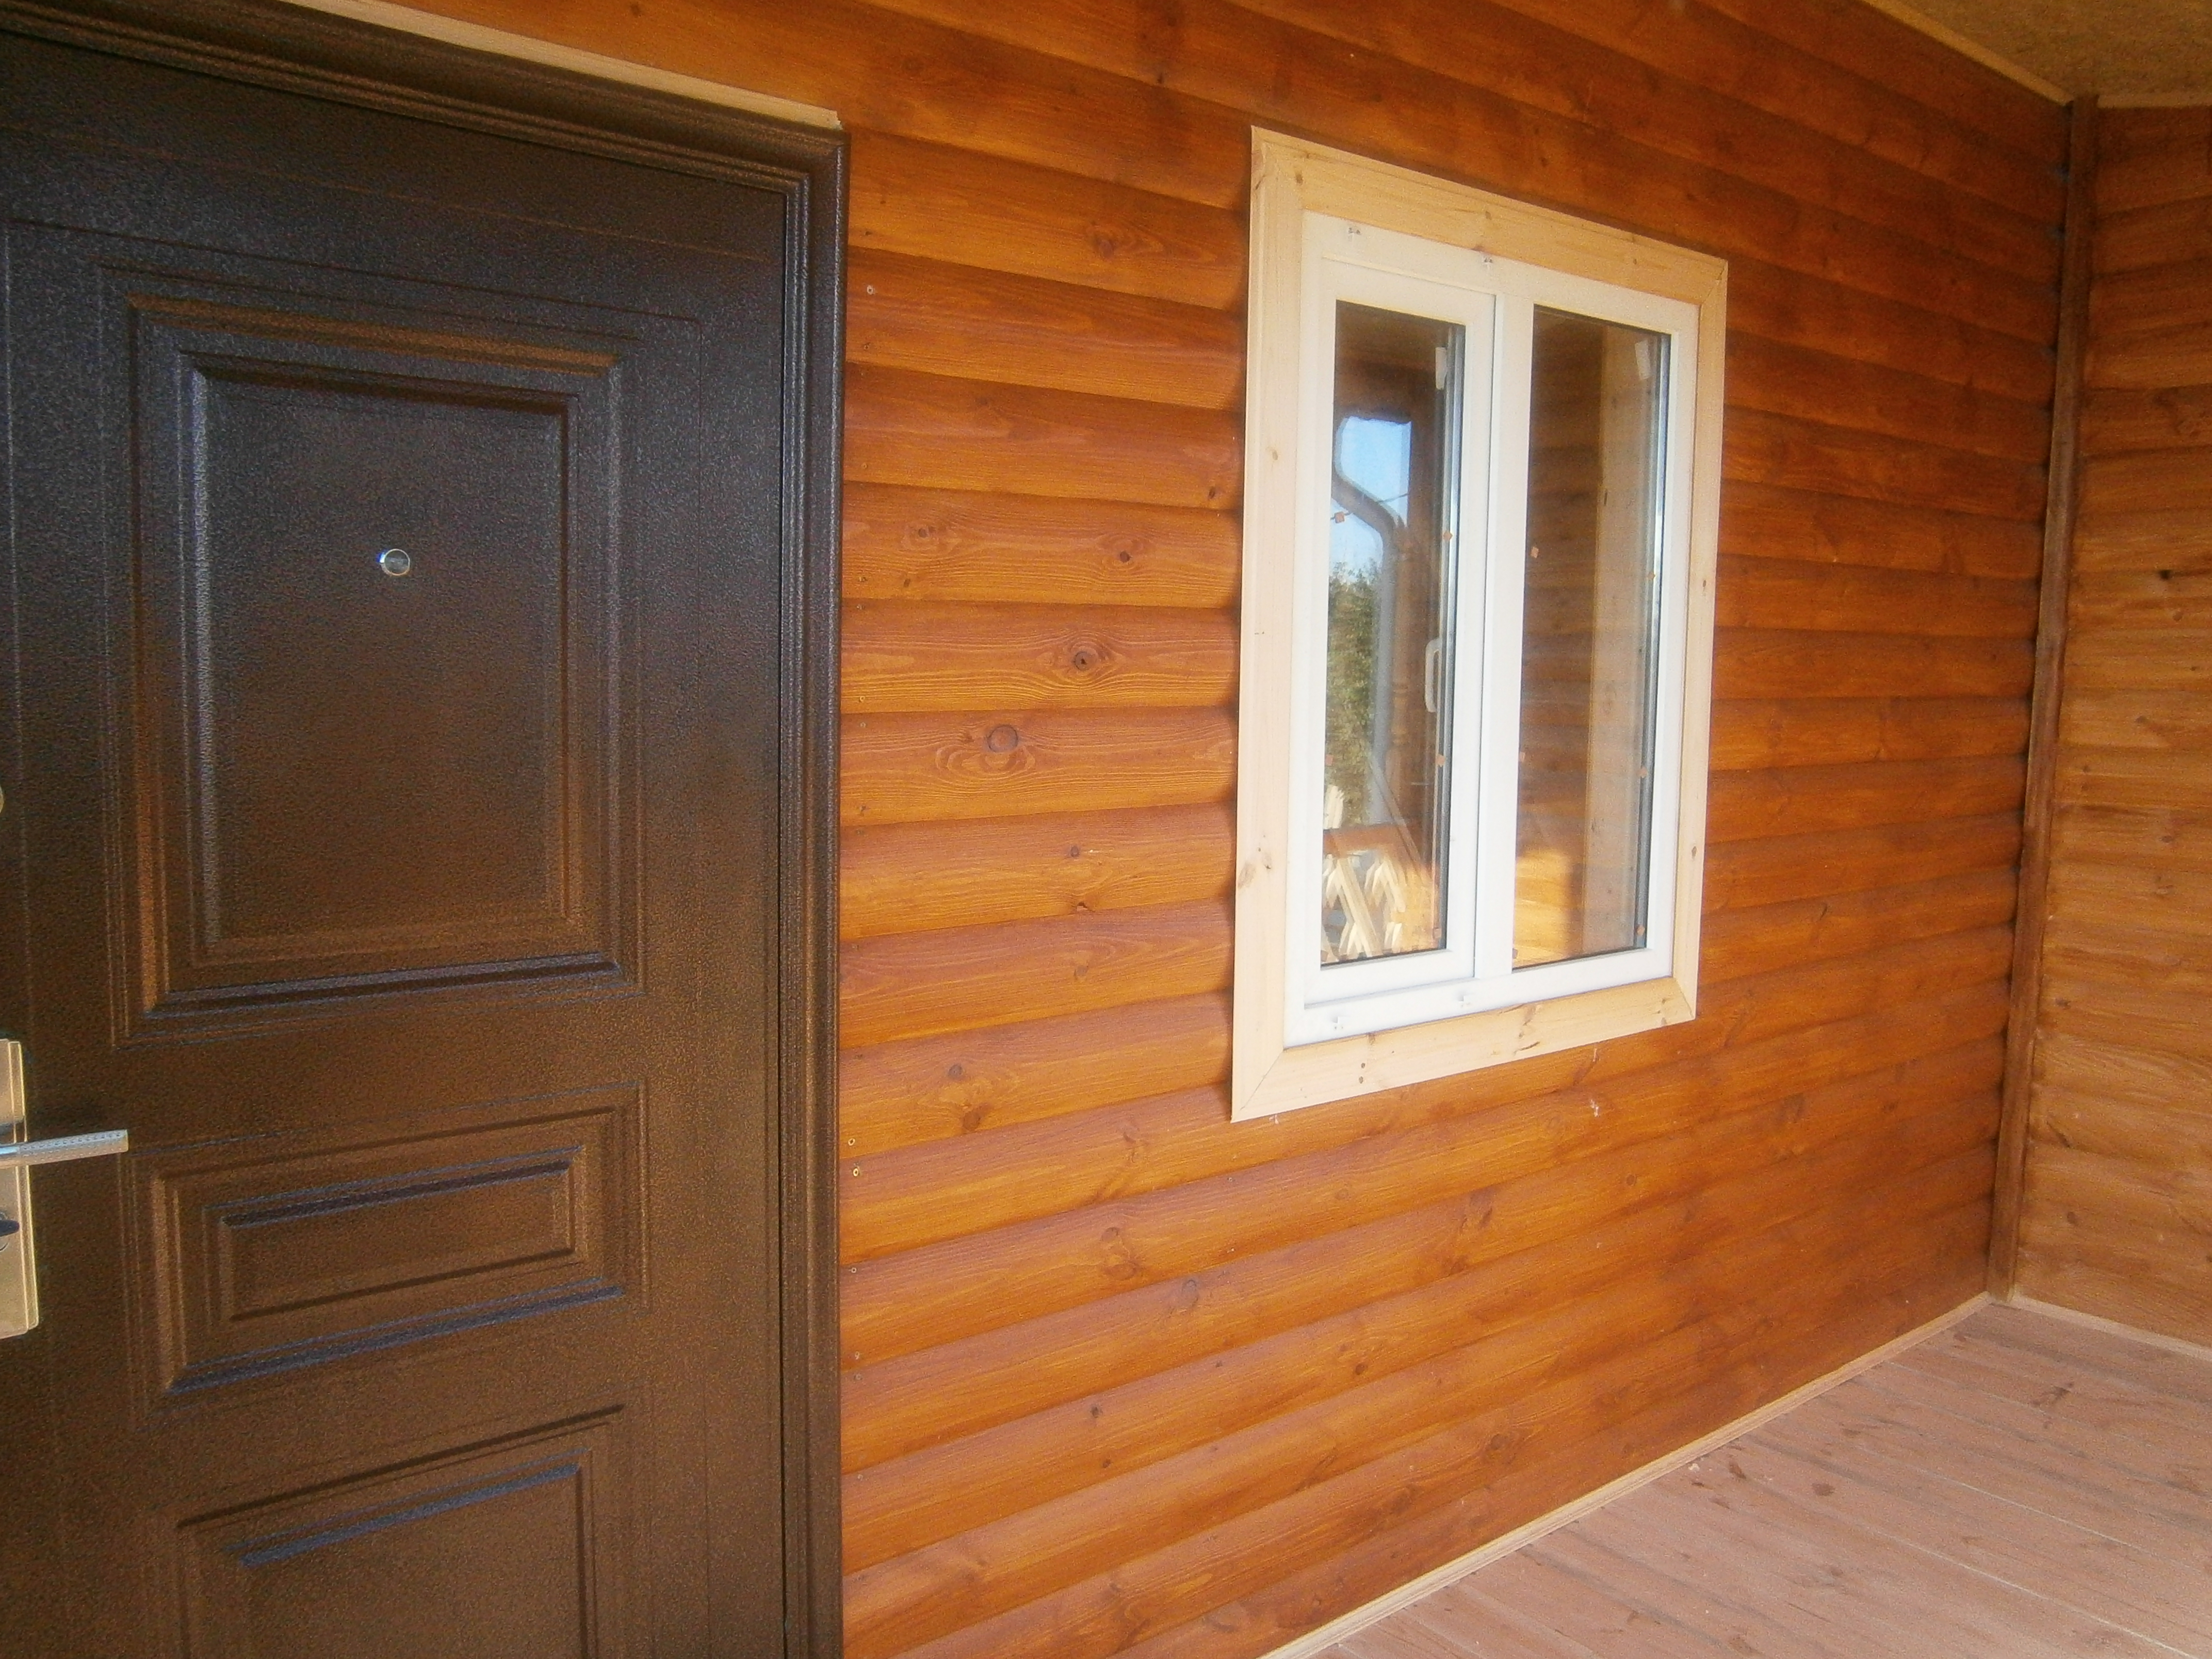 Каркасный дом из керамзитобетона купить бетон миксер в новосибирске